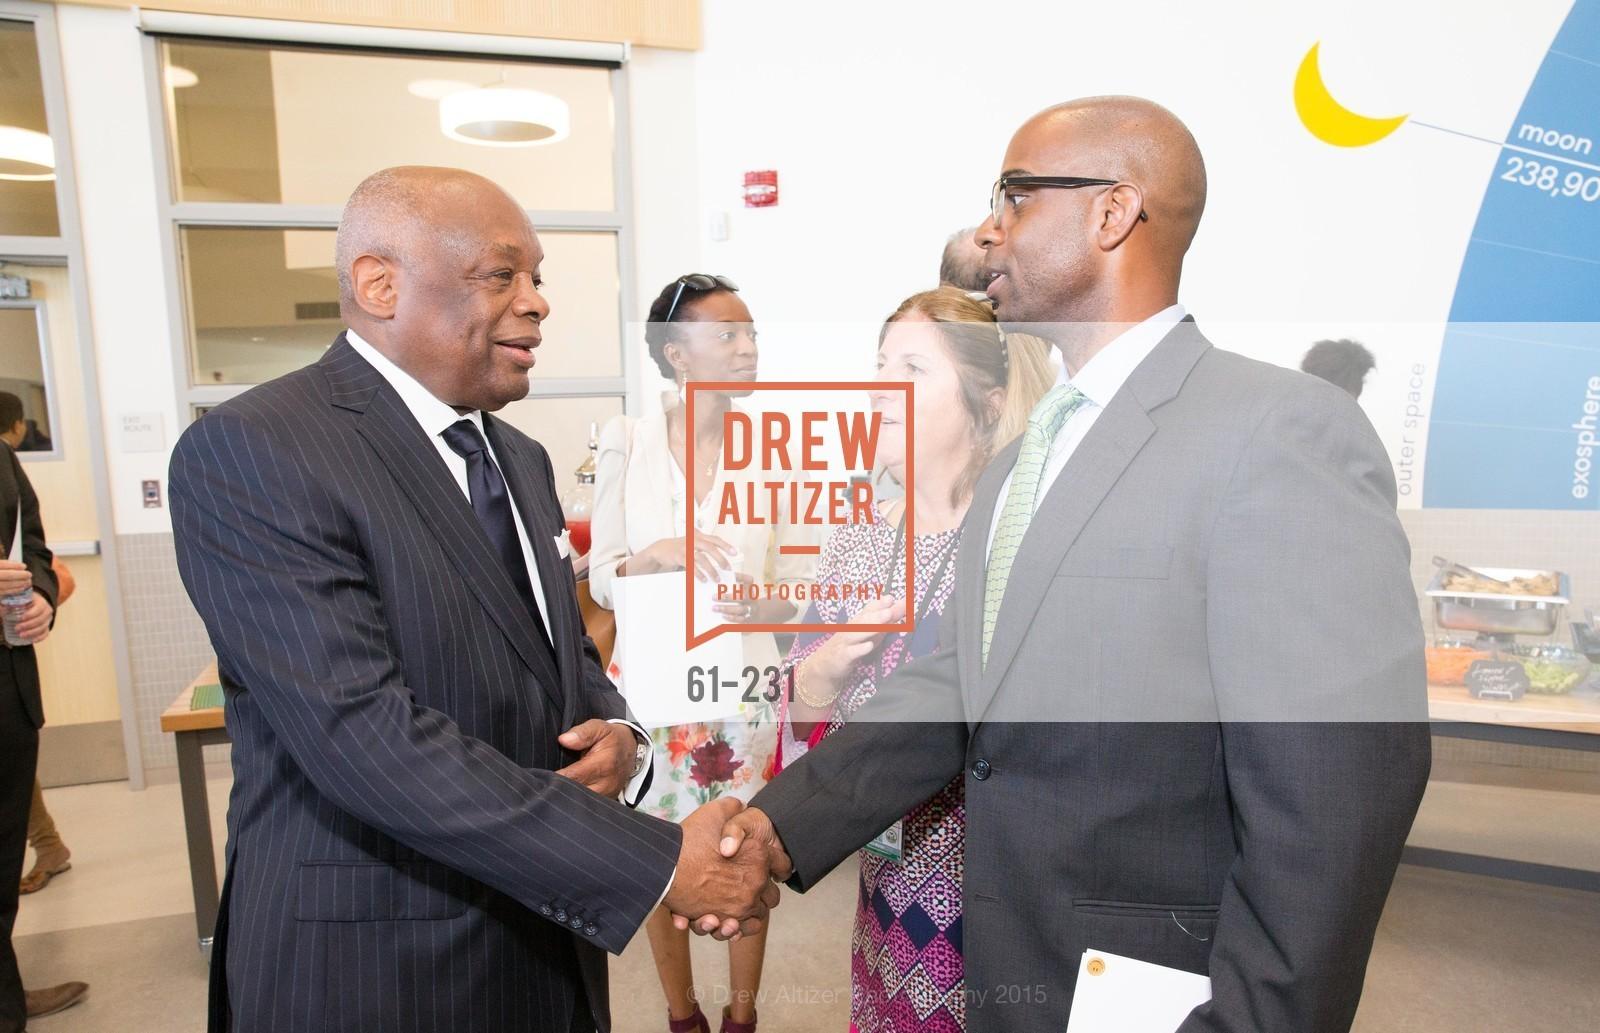 Willie Brown, Photo #61-231